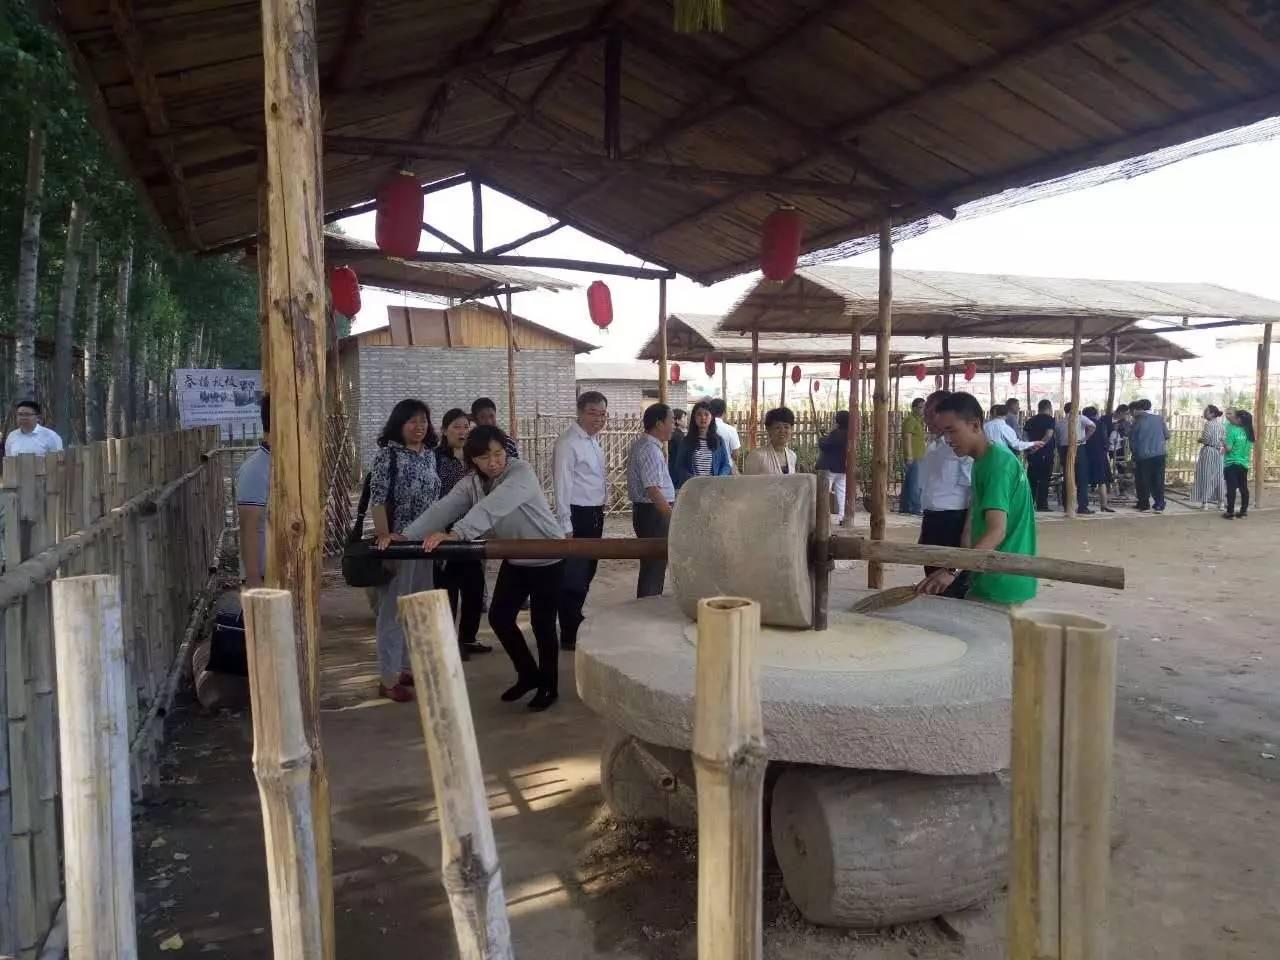 大型活动区,自然课堂区,小型动物园,滑雪滑草场等,已成为临汾市襄汾县